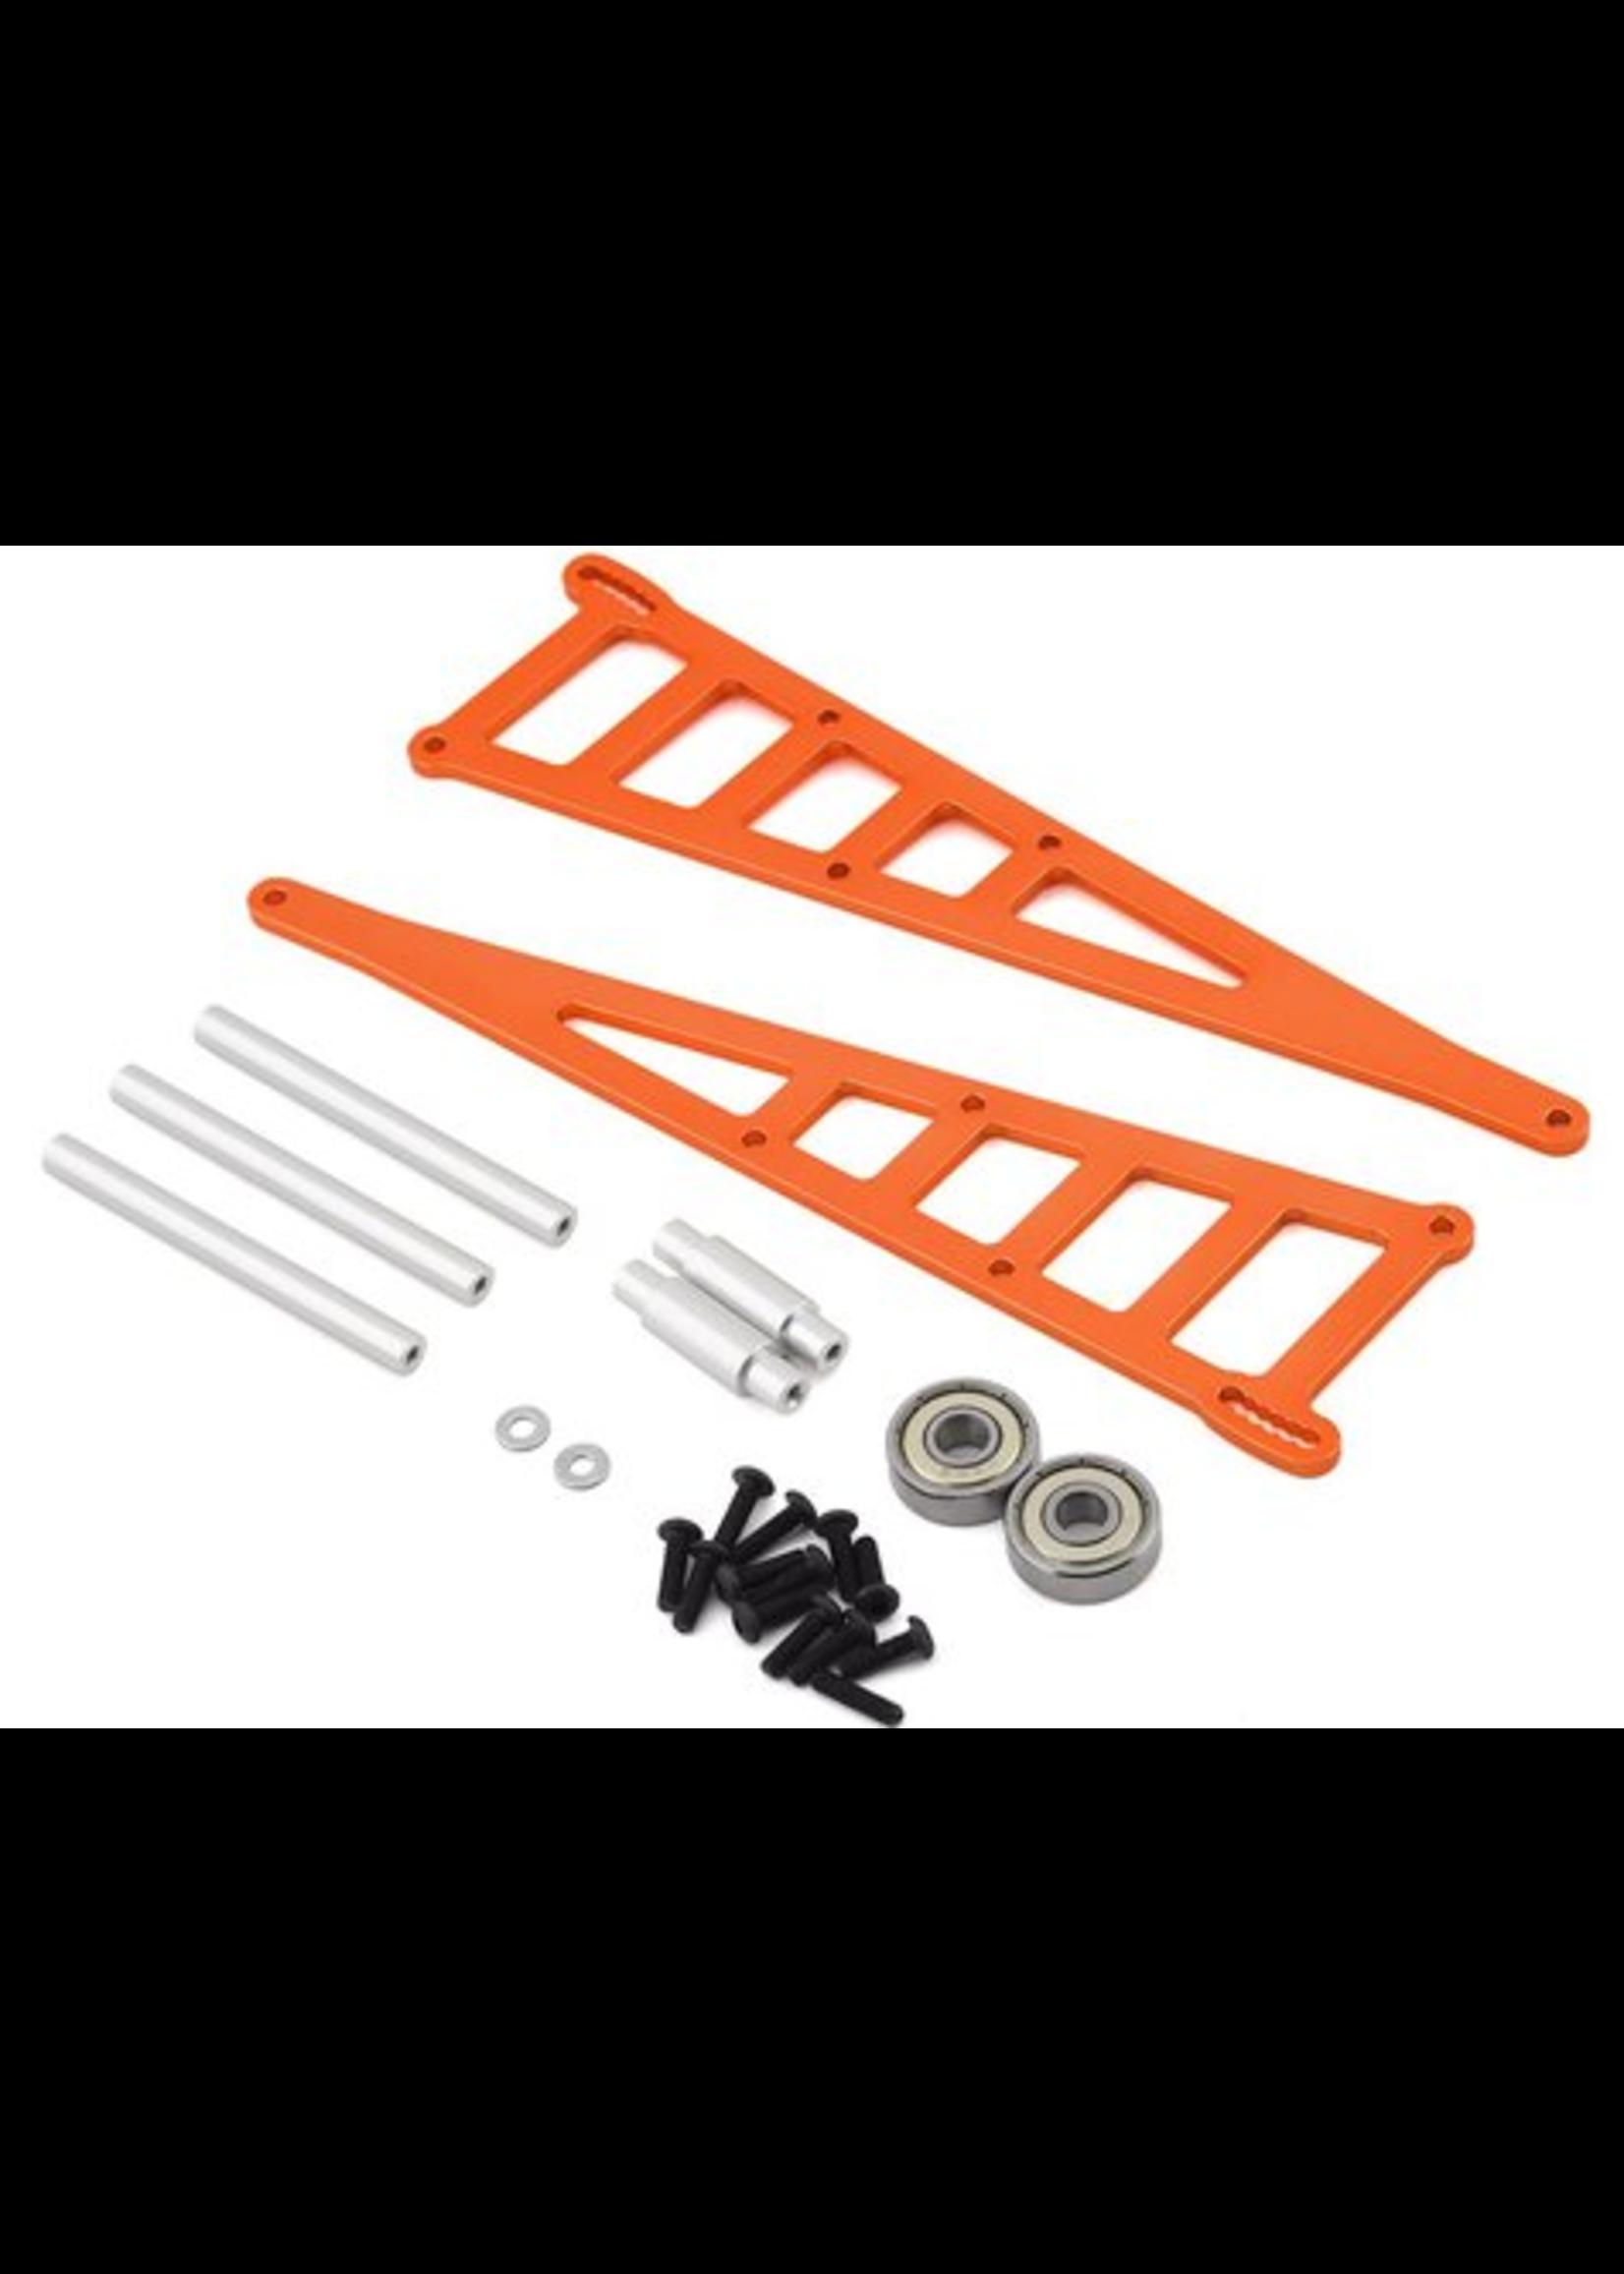 ST Racing Concepts SPTST3678WO ST Racing Concepts CNC Machined Aluminum Wheelie bar kit for Slash 2WD/Rustler/Bandit (Orange)